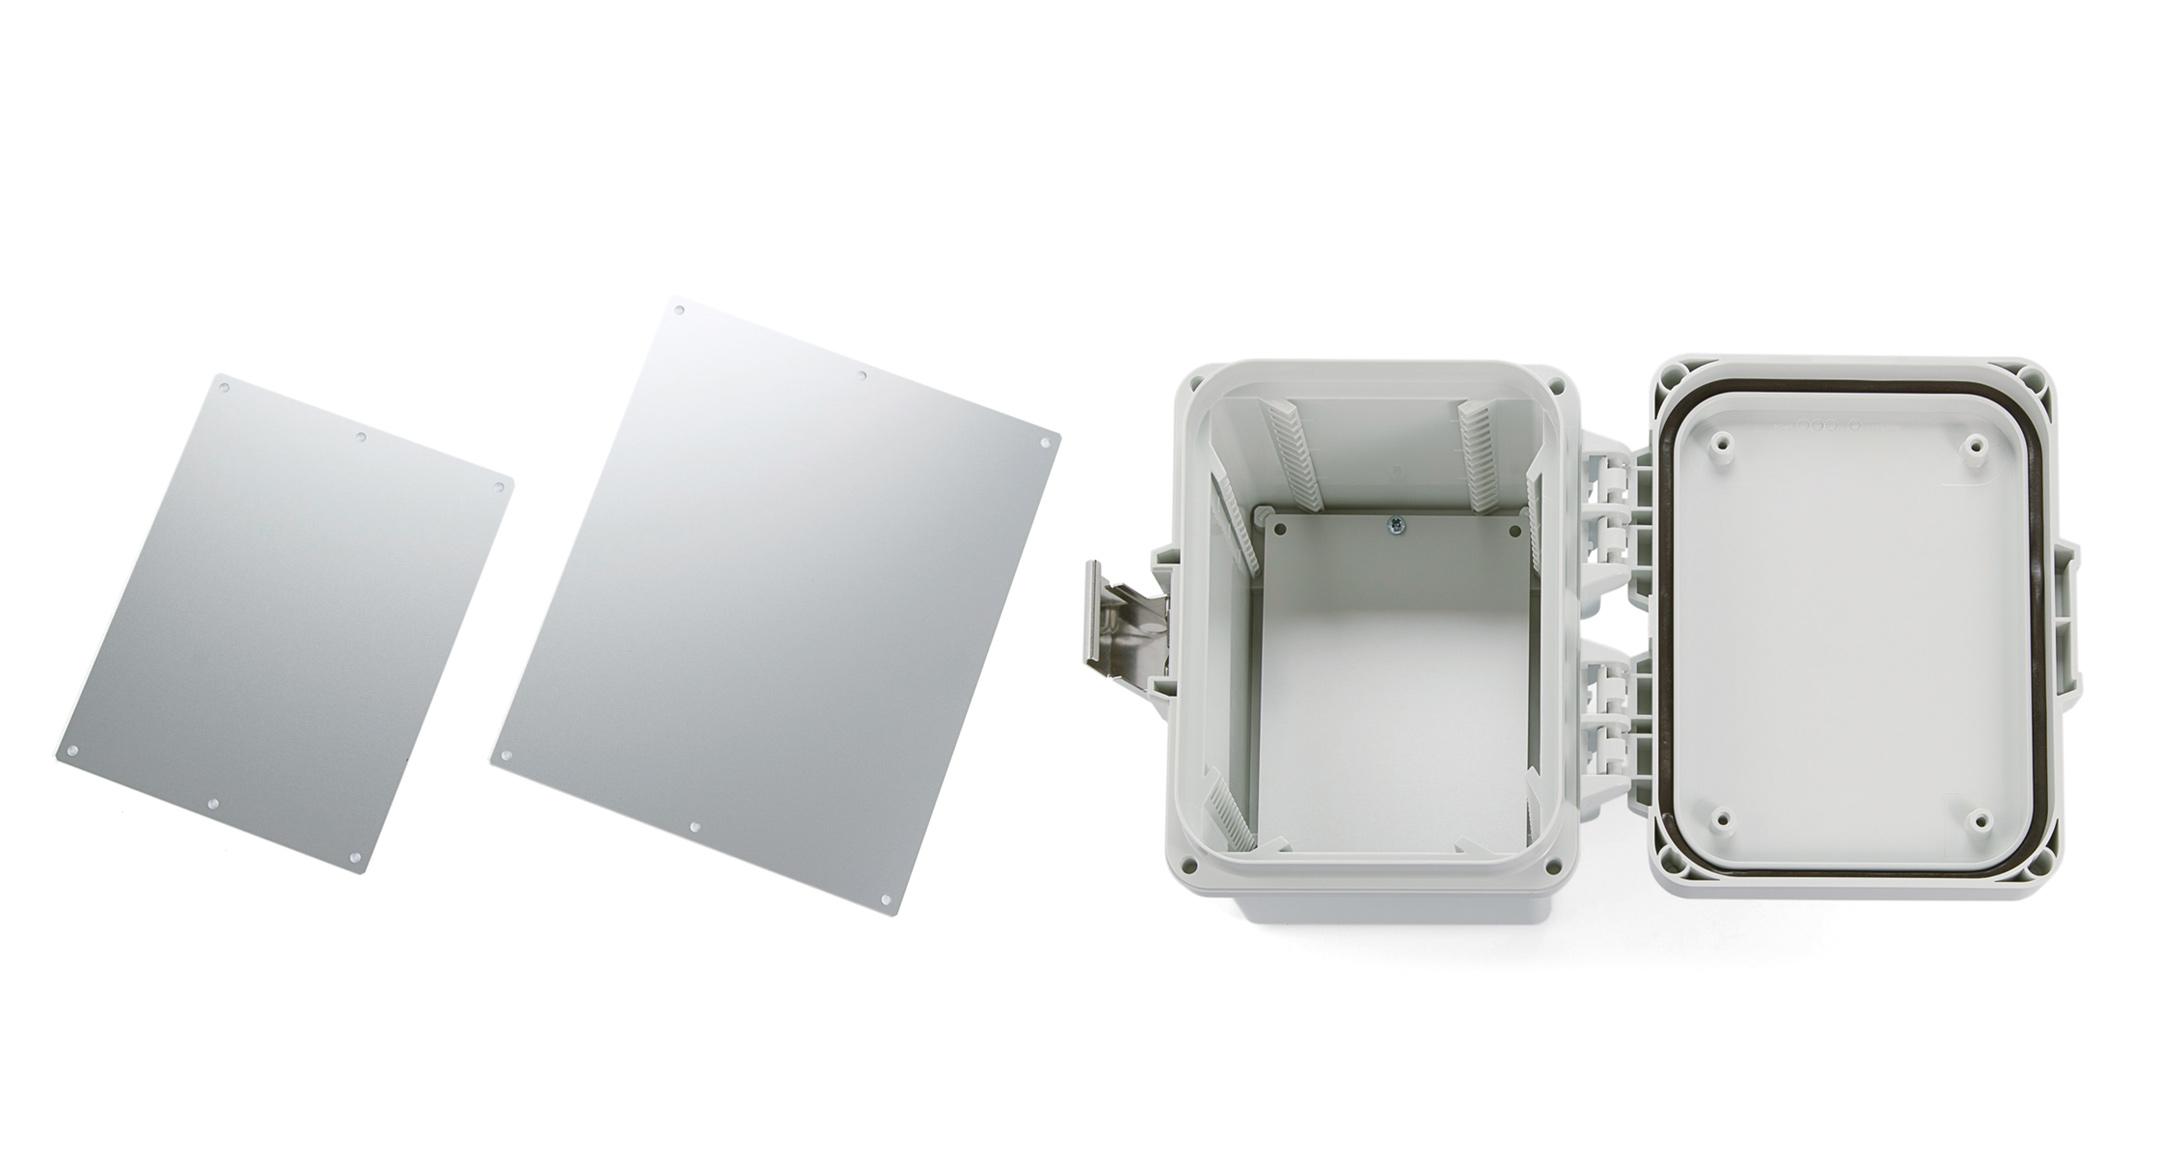 UPCシリーズ用 取付ベース UMPシリーズの画像